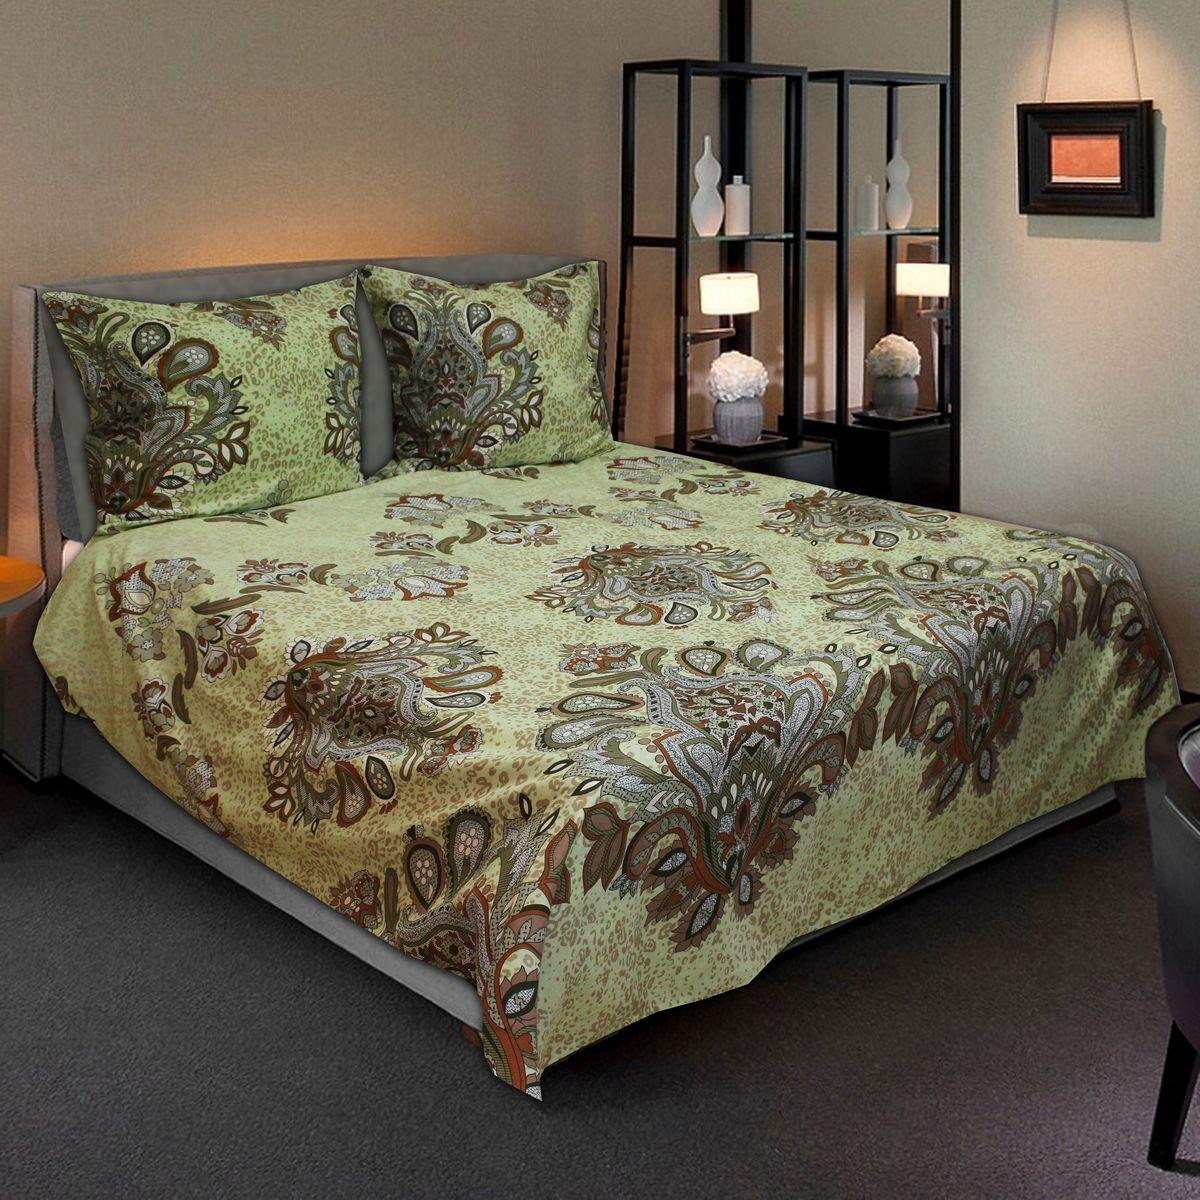 Комплект белья Amore Mio Decor, евро, наволочки 70х70391602Комплект постельного белья Amore Mio является экологически безопасным для всей семьи, так как выполнен из бязи (100% хлопок). Комплект состоит из пододеяльника, простыни и двух наволочек. Постельное белье оформлено оригинальным рисунком и имеет изысканный внешний вид.Легкая, плотная, мягкая ткань отлично стирается, гладится, быстро сохнет. Рекомендации по уходу: Химчистка и отбеливание запрещены.Рекомендуется стирка в прохладной воде при температуре не выше 30°С.